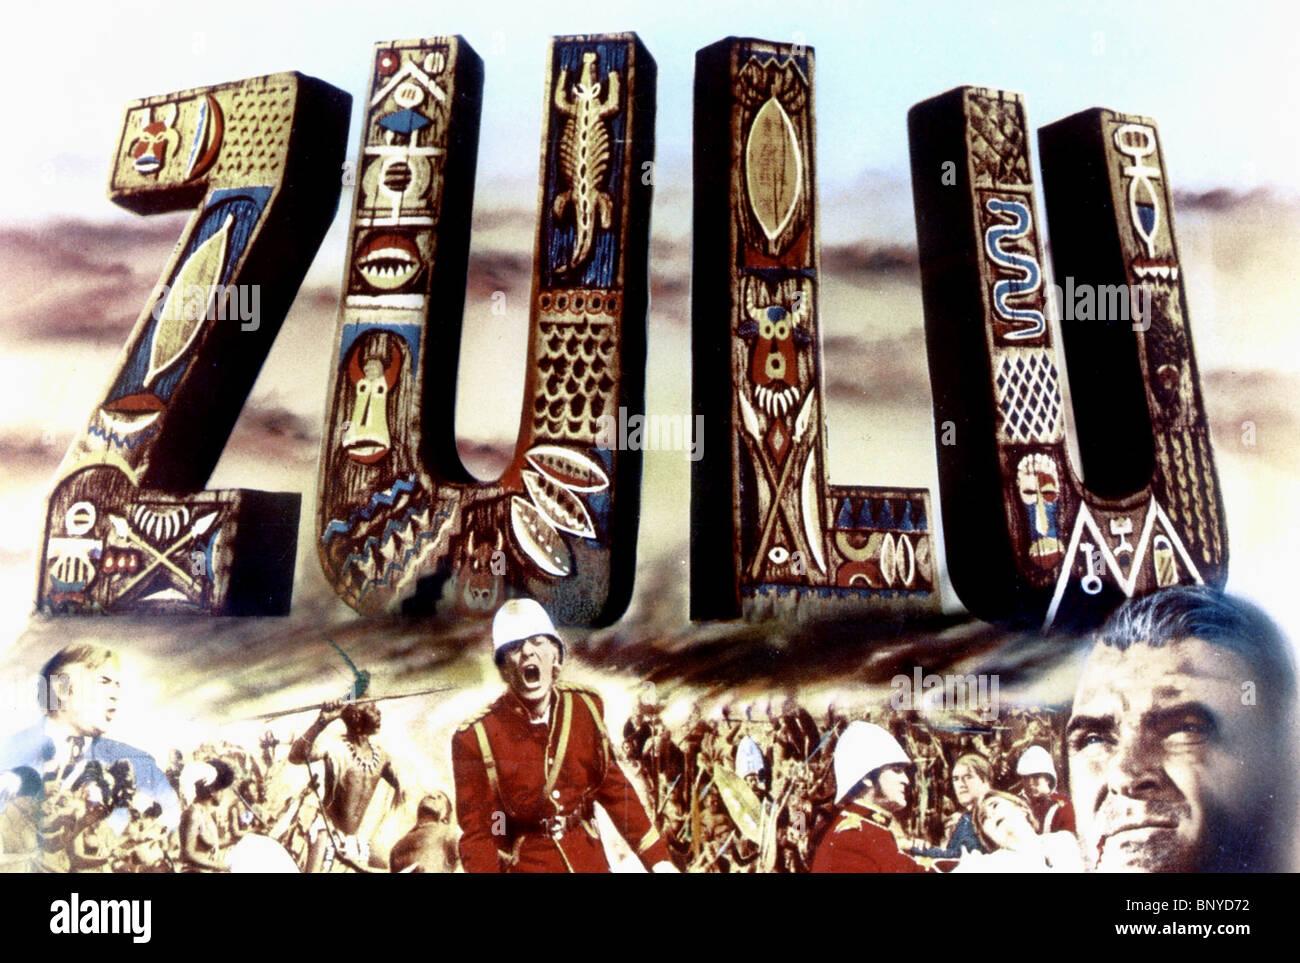 Film Poster Zulu 1964 Stockfoto Bild 30721238 Alamy